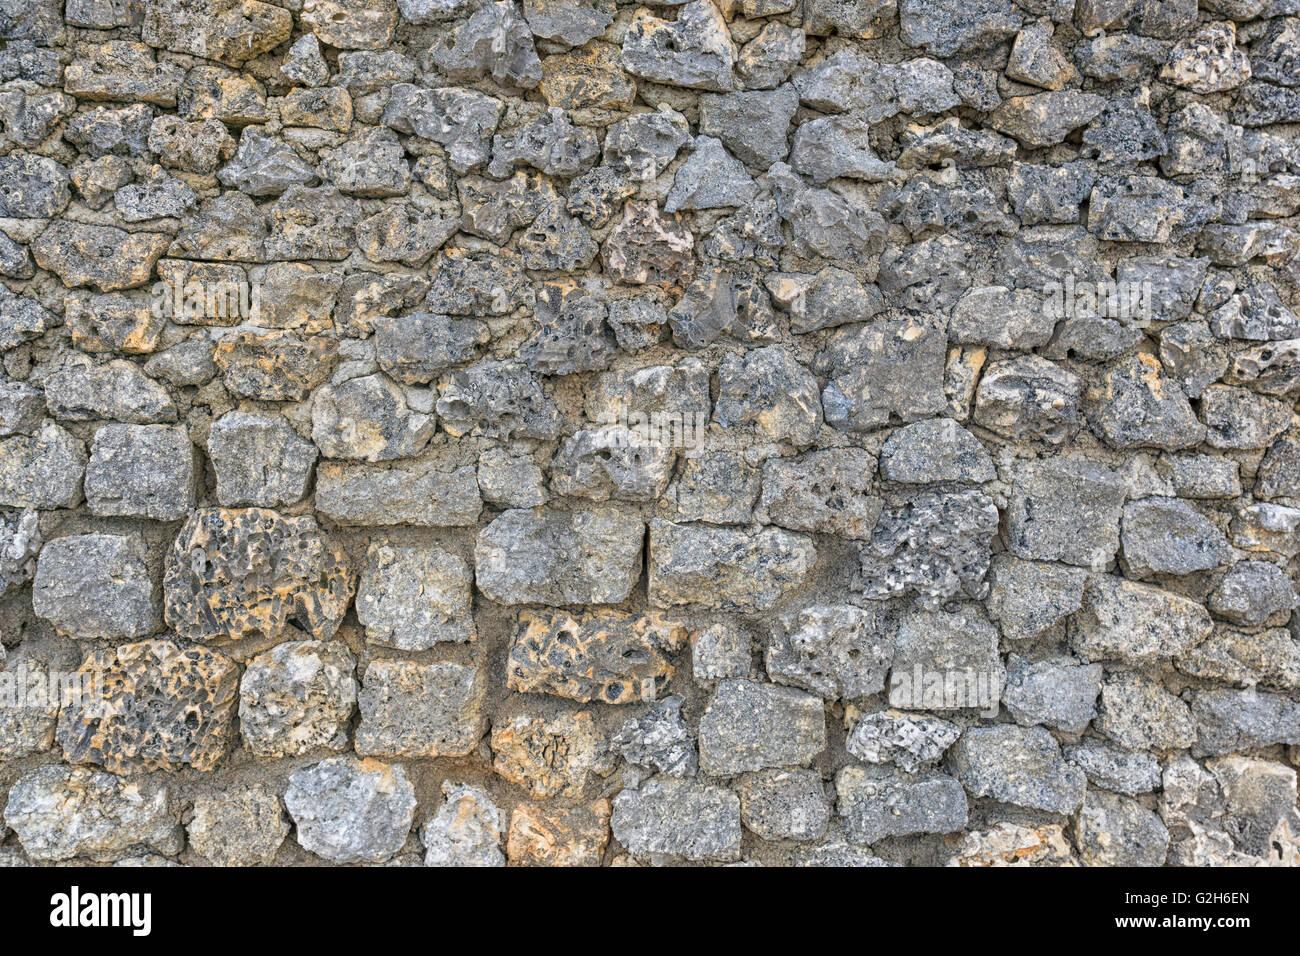 Eine Steinmauer mit Korallen Briks. Sie können als Textur oder Hintergrund Stockbild